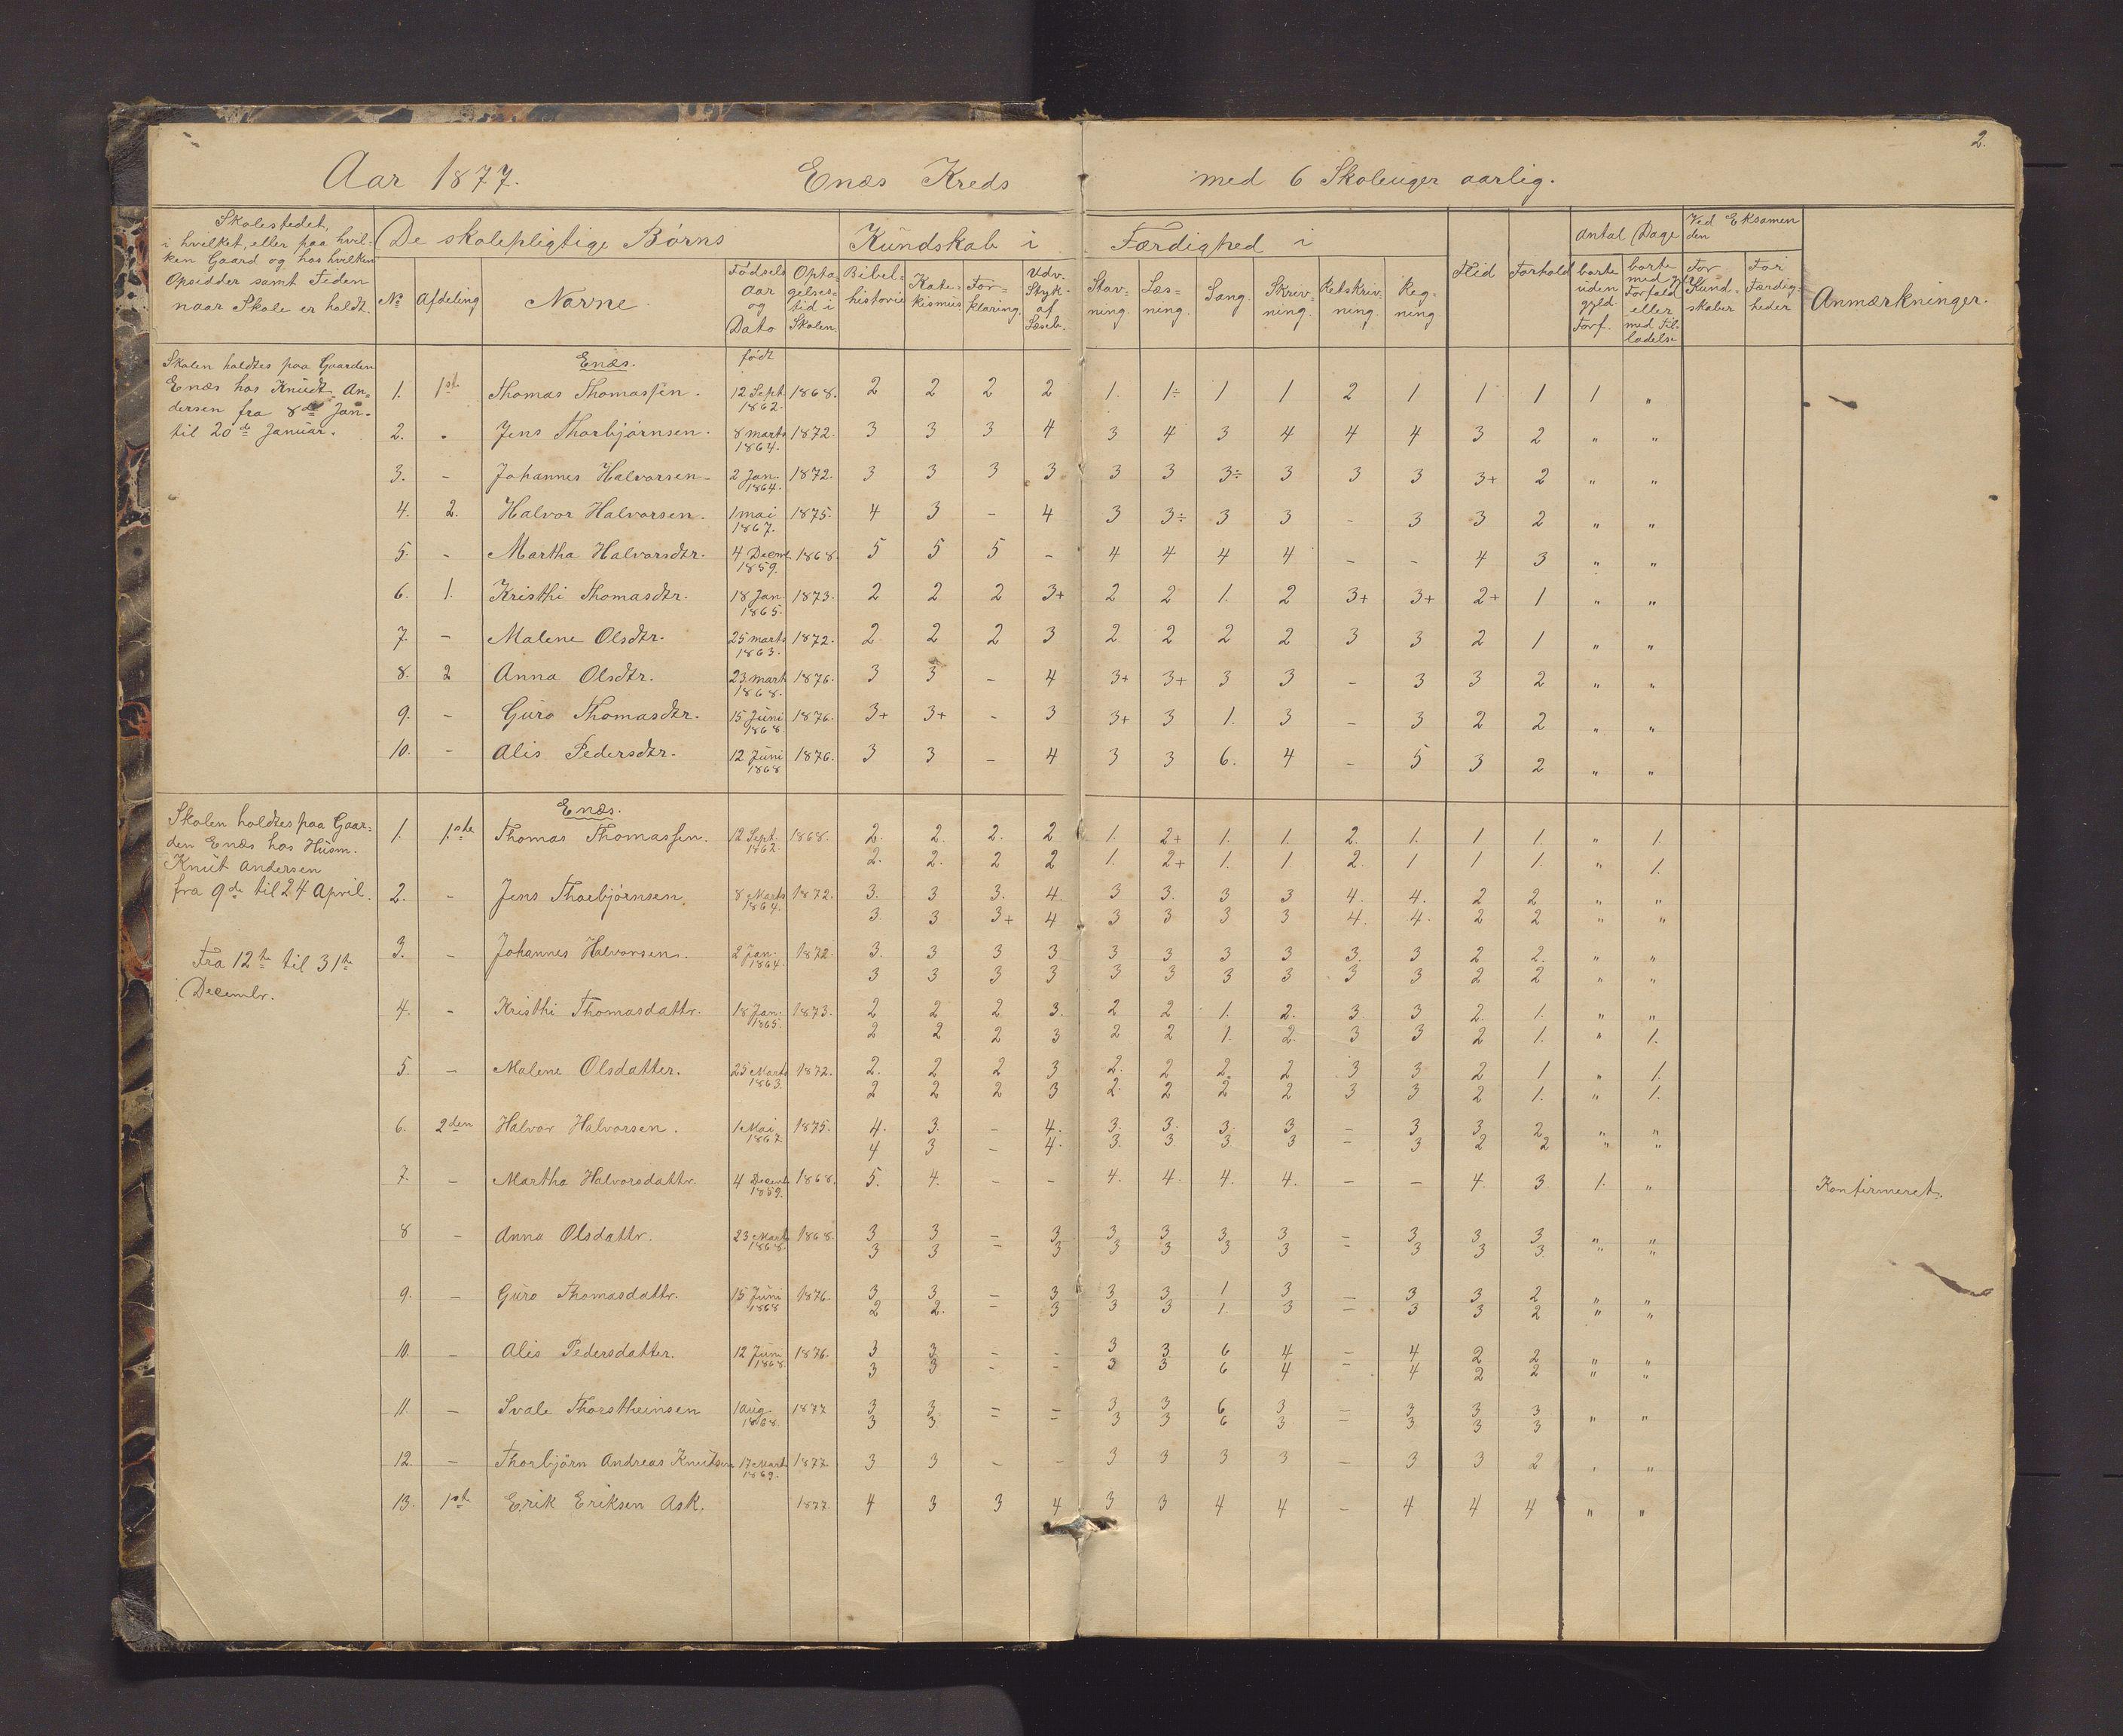 IKAH, Kvinnherad kommune. Barneskulane, F/Fd/L0006: Skuleprotokoll for Ænes, Fureberg og Tveitnes, Bondhusbygden og Austrepollen krinsar, 1877-1916, s. 2